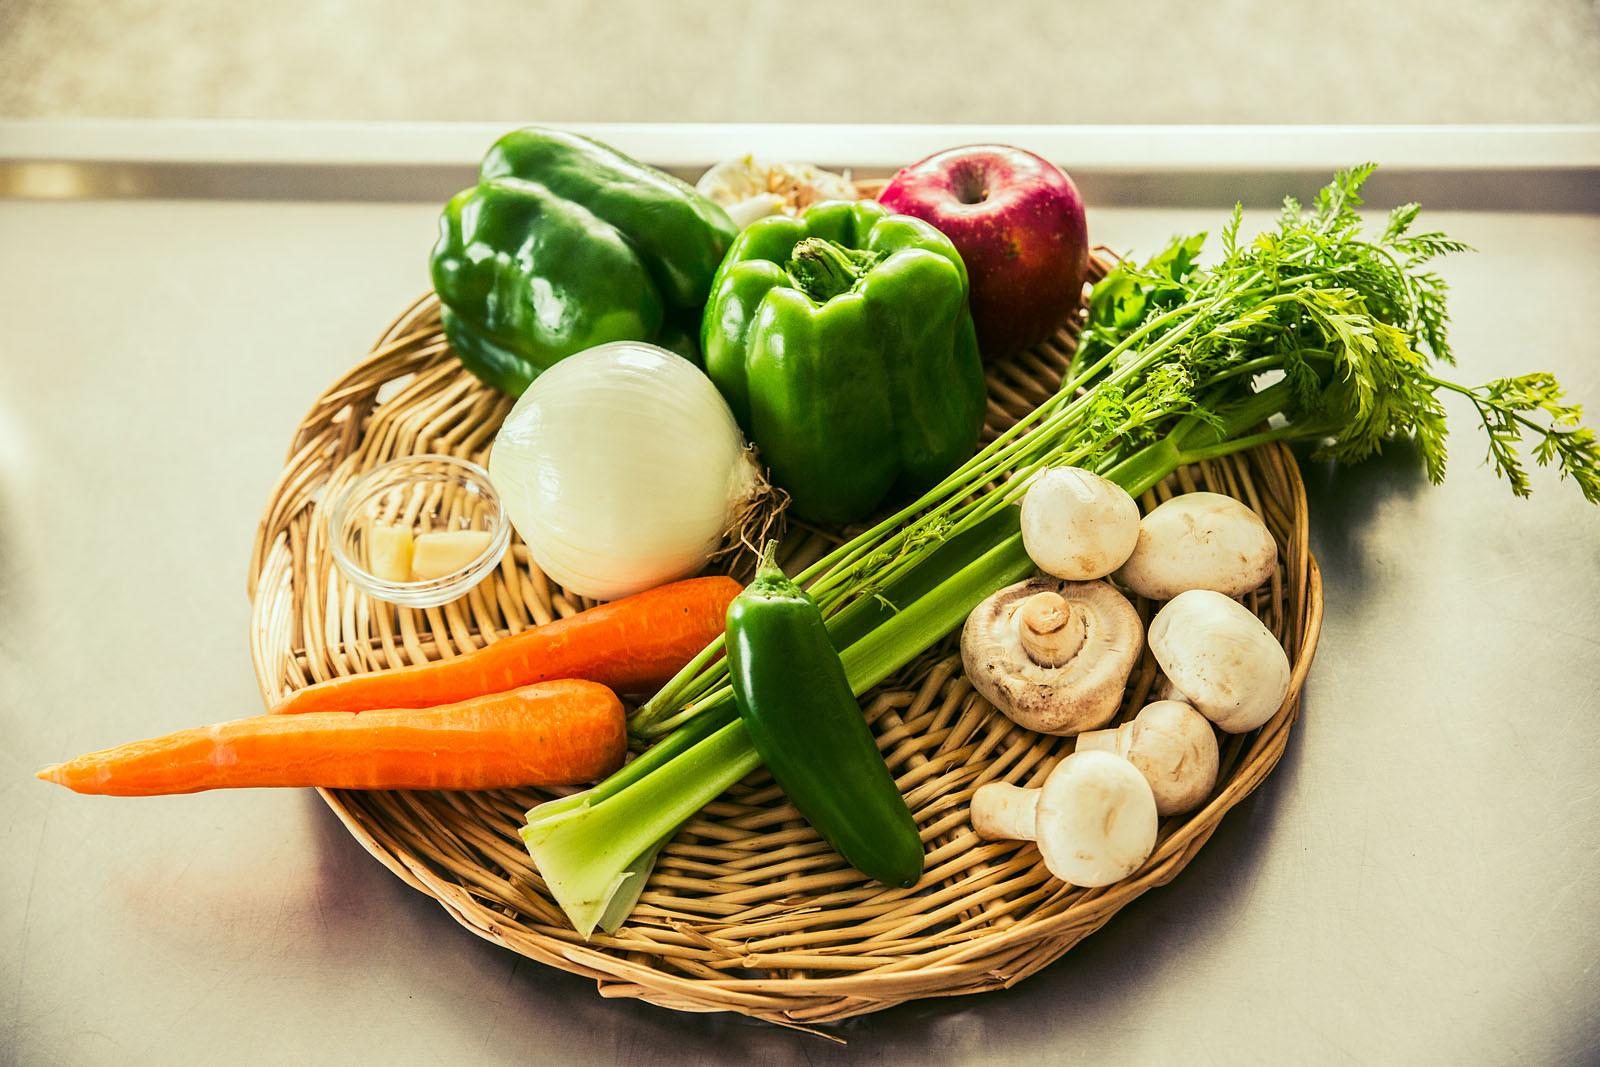 VEGETABLES_FOOD INTERRUPTED_PLANTS_PANER